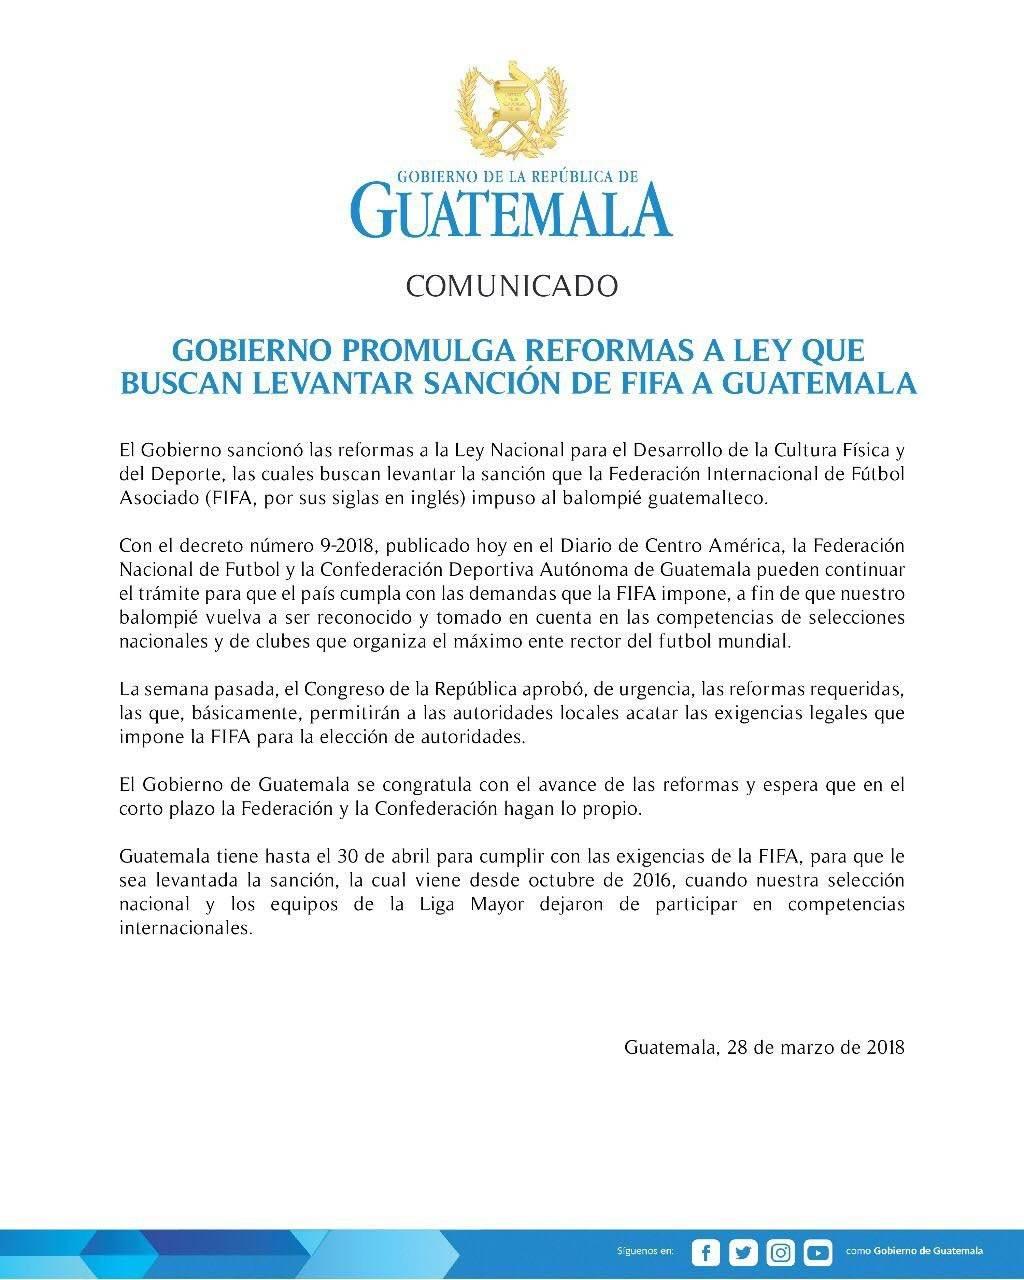 presidente Jimmy Morales sanciona ley nacional para el desarrollo de la cultura física y del deporte